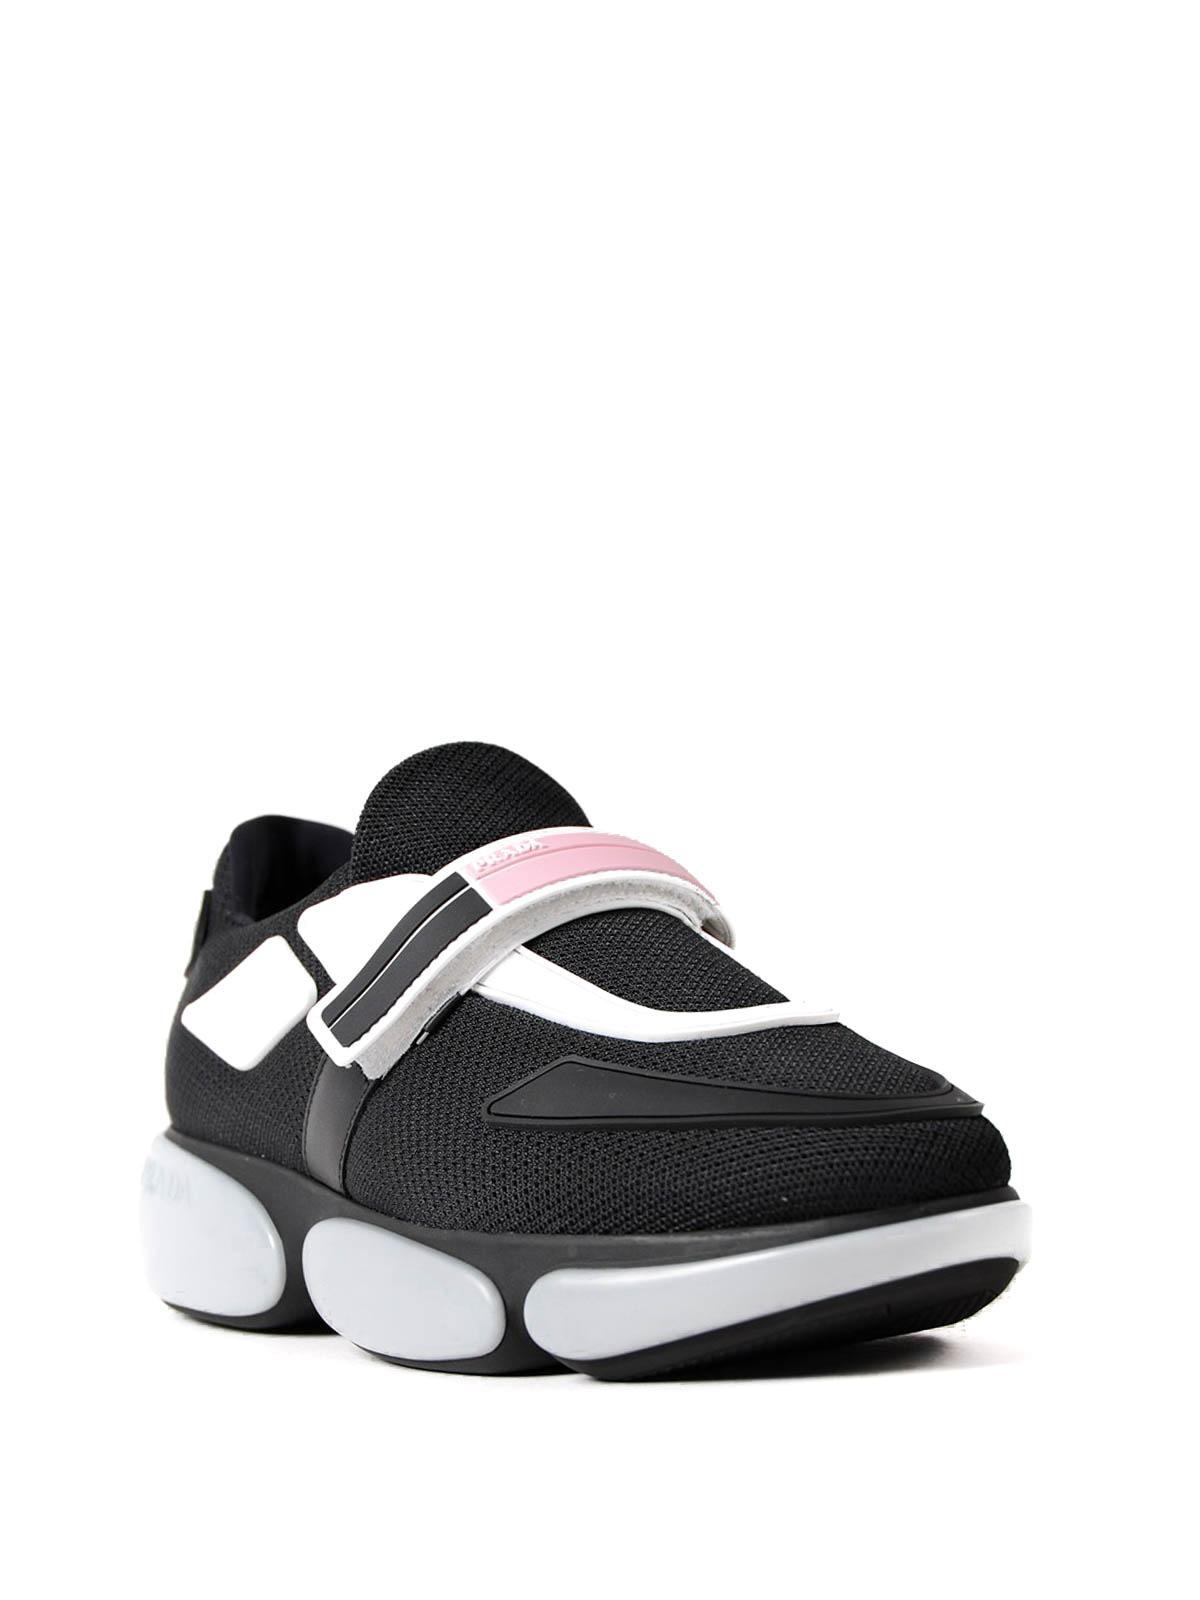 Prada Cloudbust Cloth Trainers j6lX0nNn5